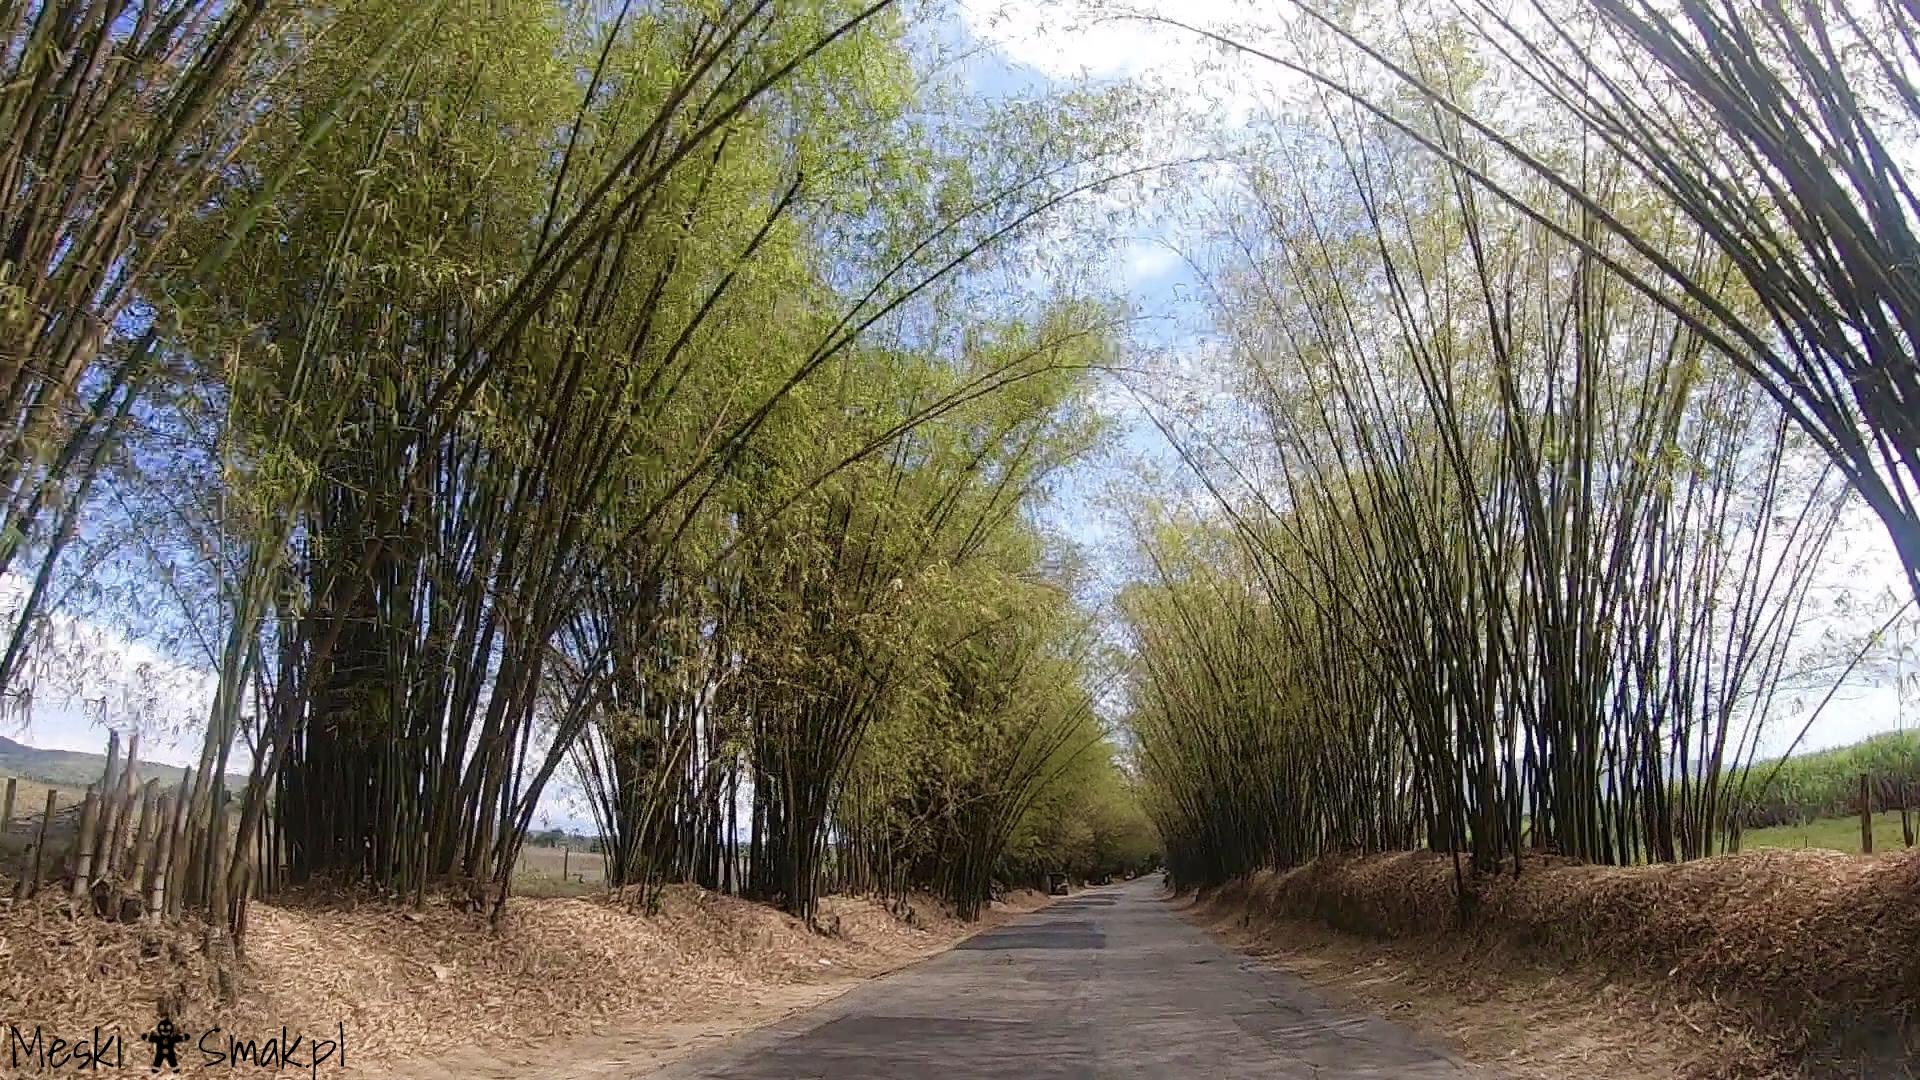 Wakacje i wycieczki Jamajka_aleja bambusowa Bamboo Avenue 3